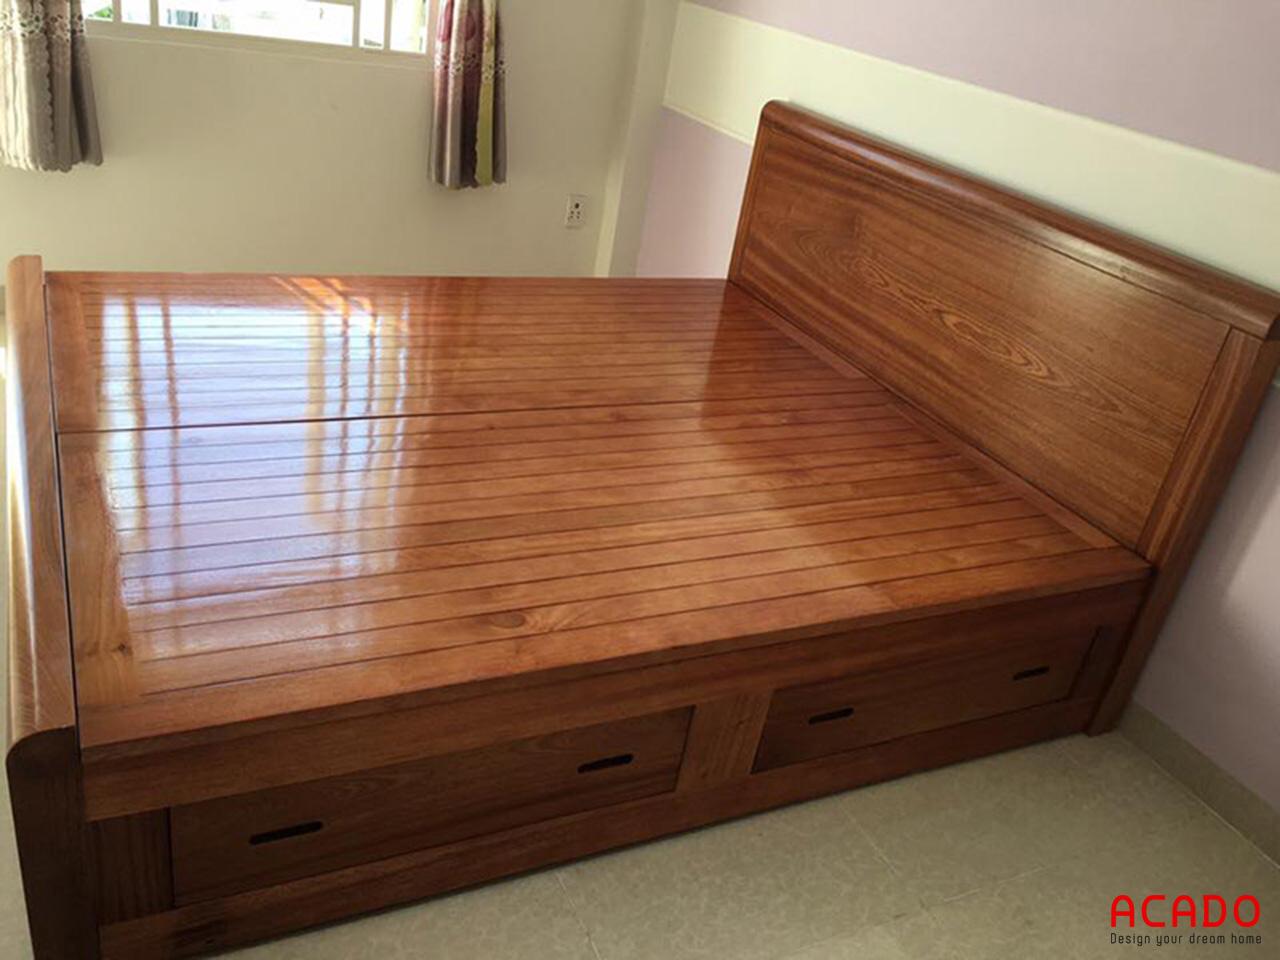 Giường ngủ gỗ hương xám cao cấp, thể hiện đẳng cấp của gia chủ